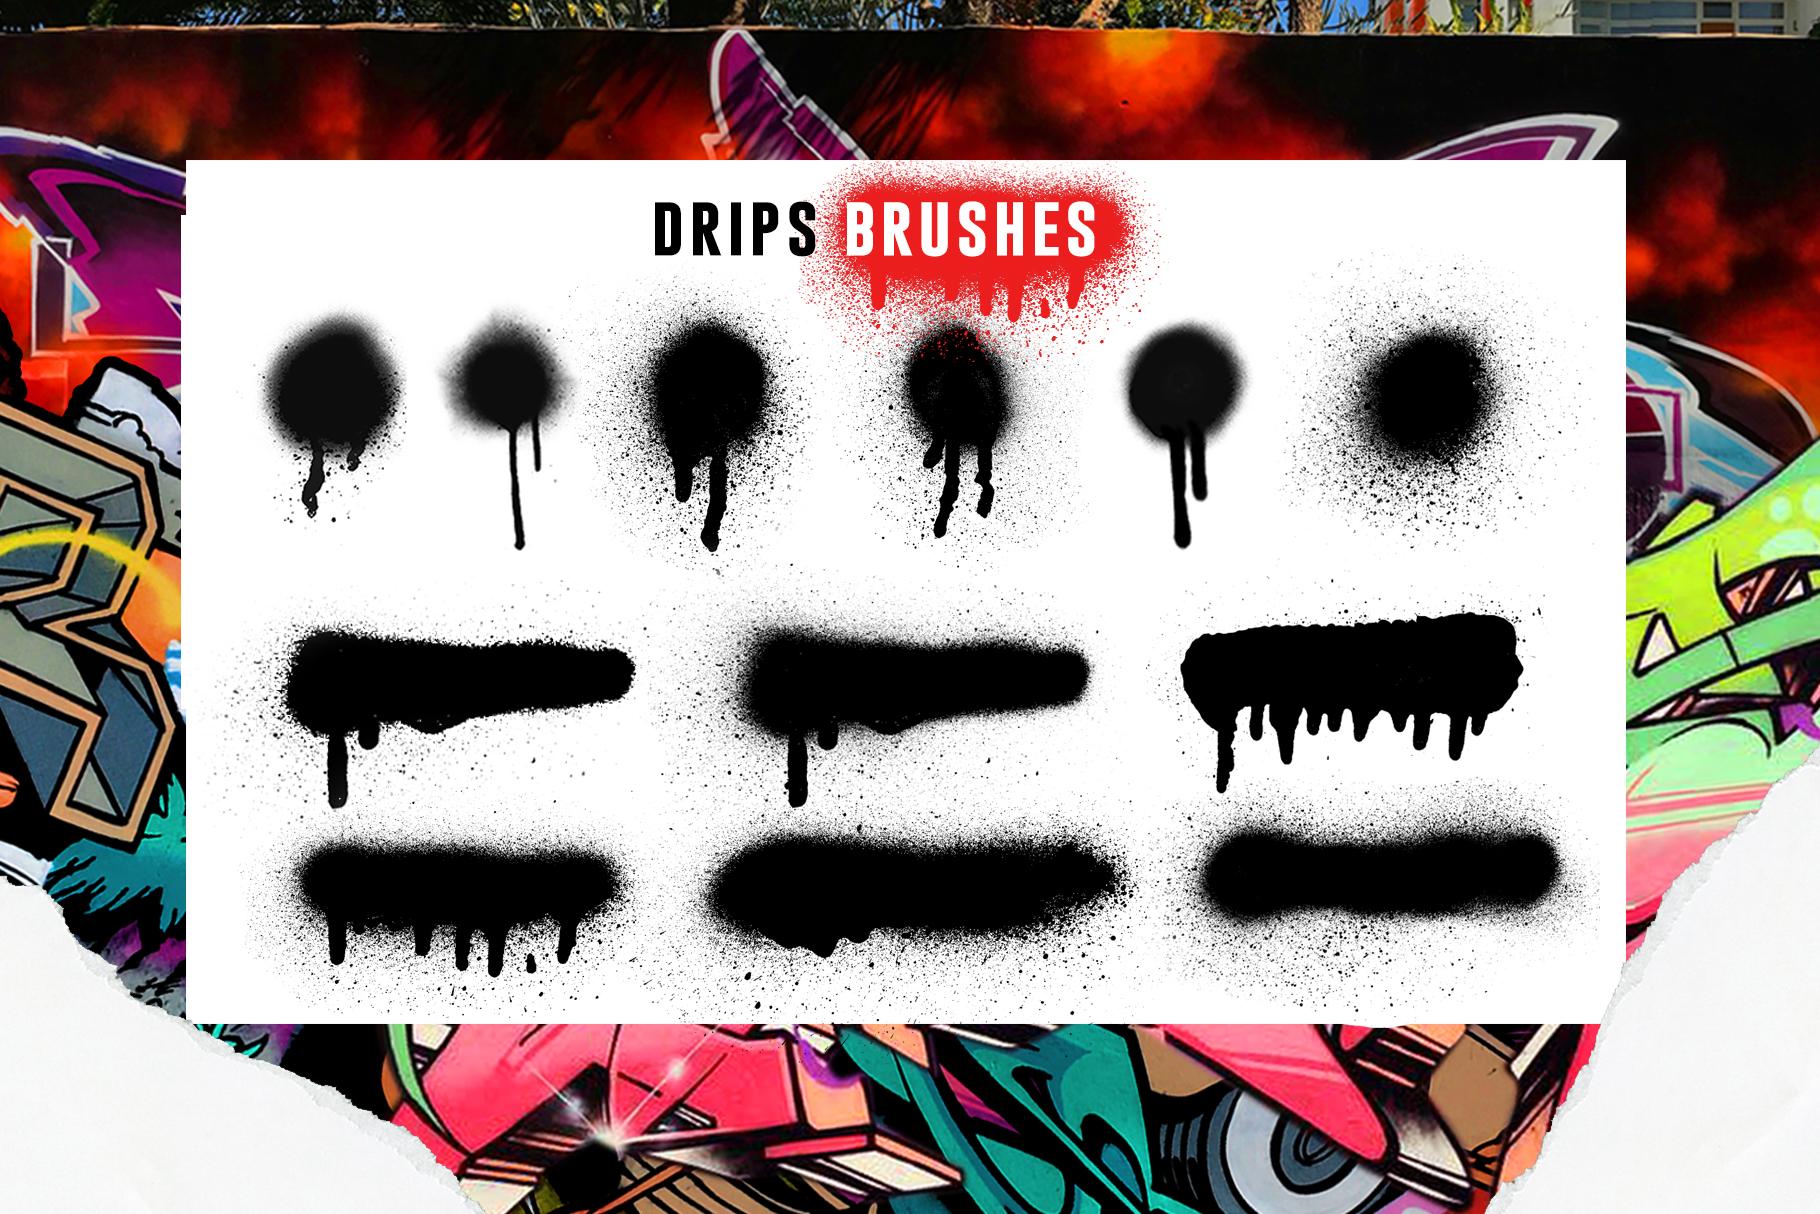 31款涂鸦效果Procreate笔刷下载 Graffiti Bombing Procreate Brush Kit插图(6)